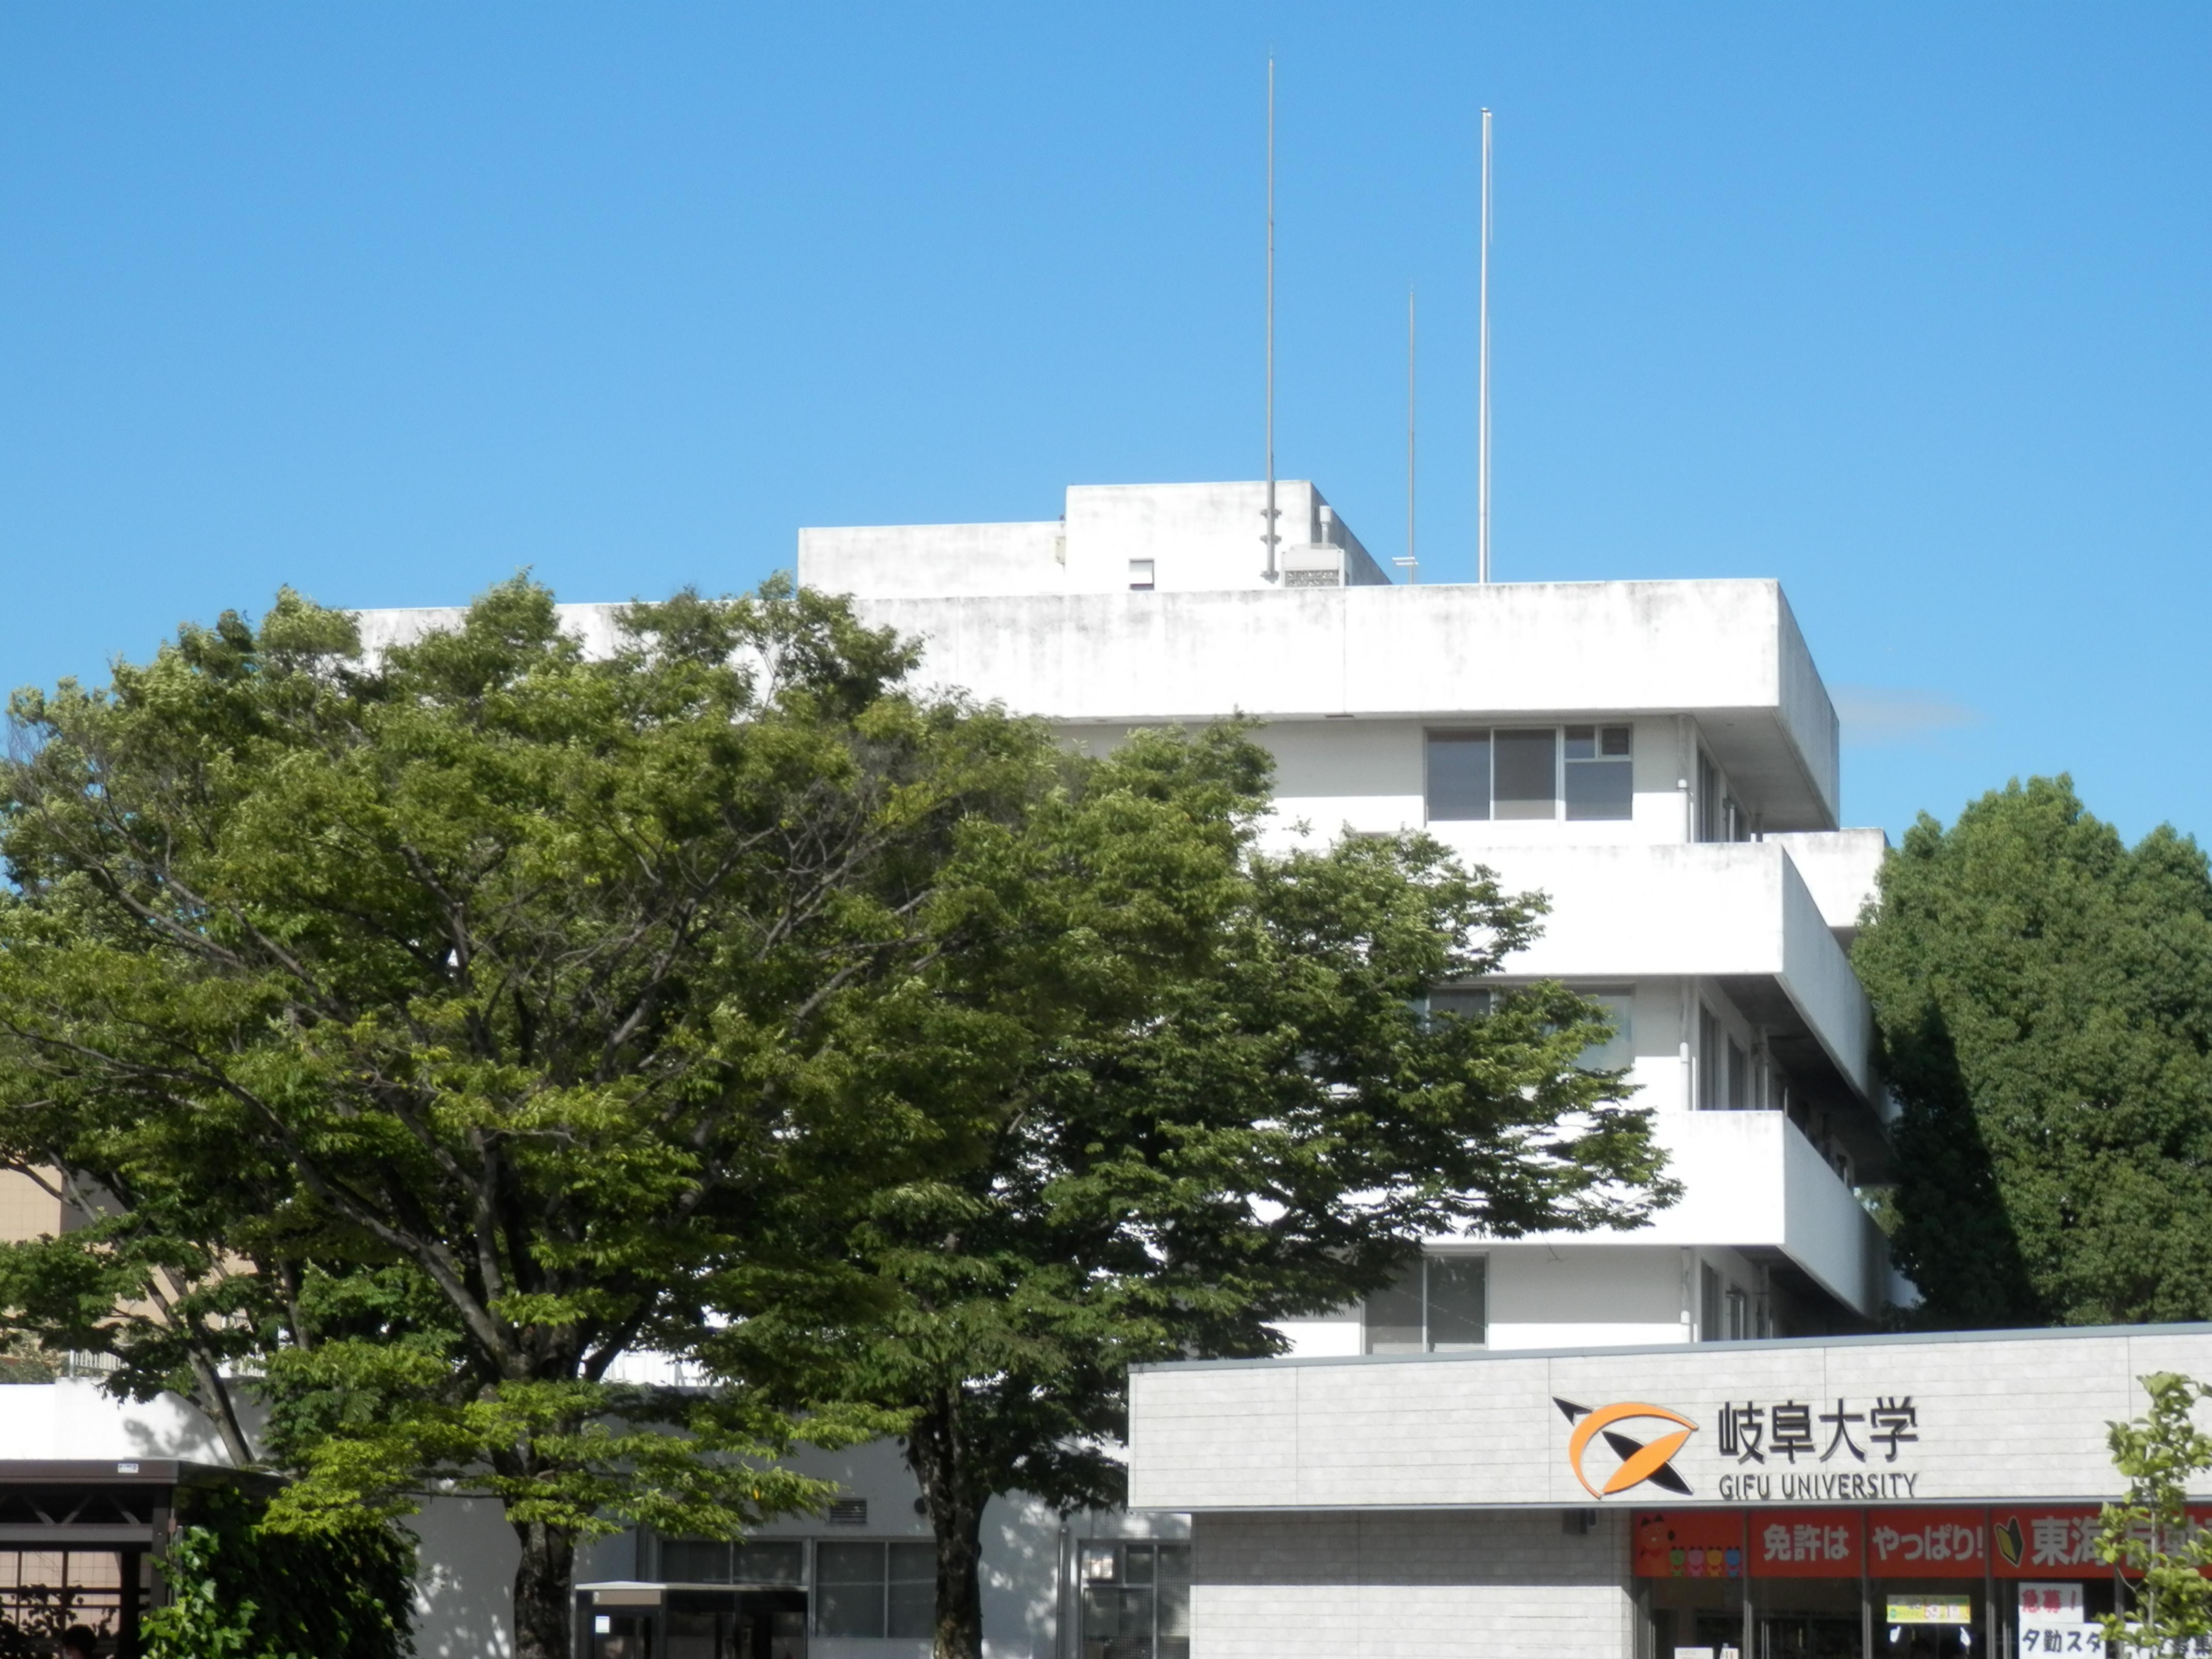 大学・短大:国立岐阜大学 700m 近隣